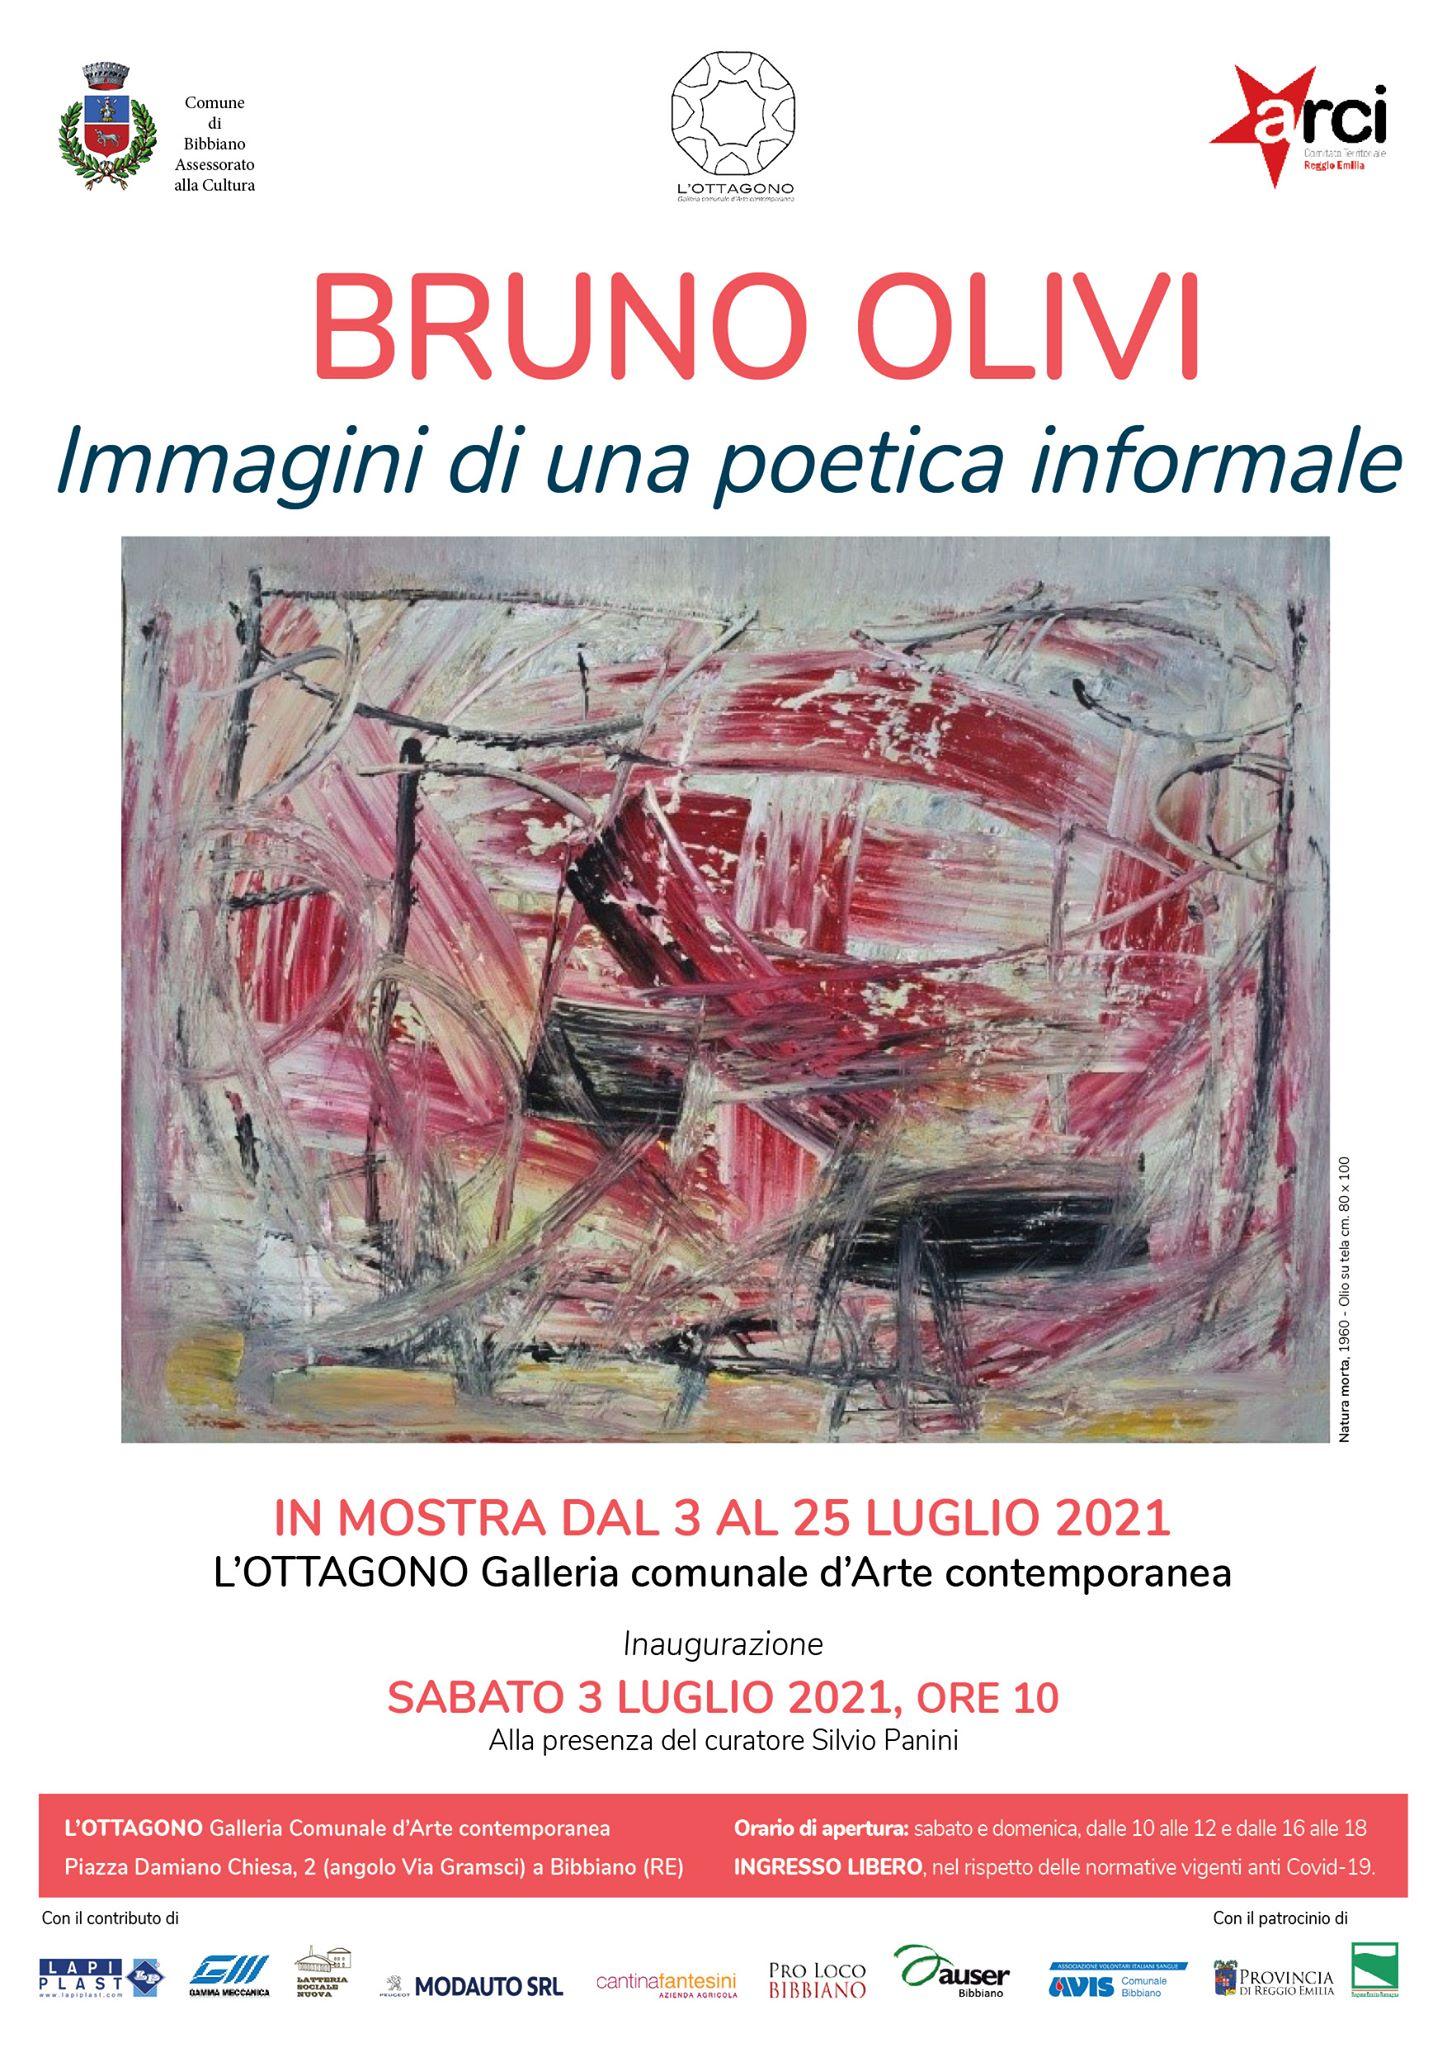 Bruno Olivi L'Ottagono Spazio Espositivo di Bibbiano 2021